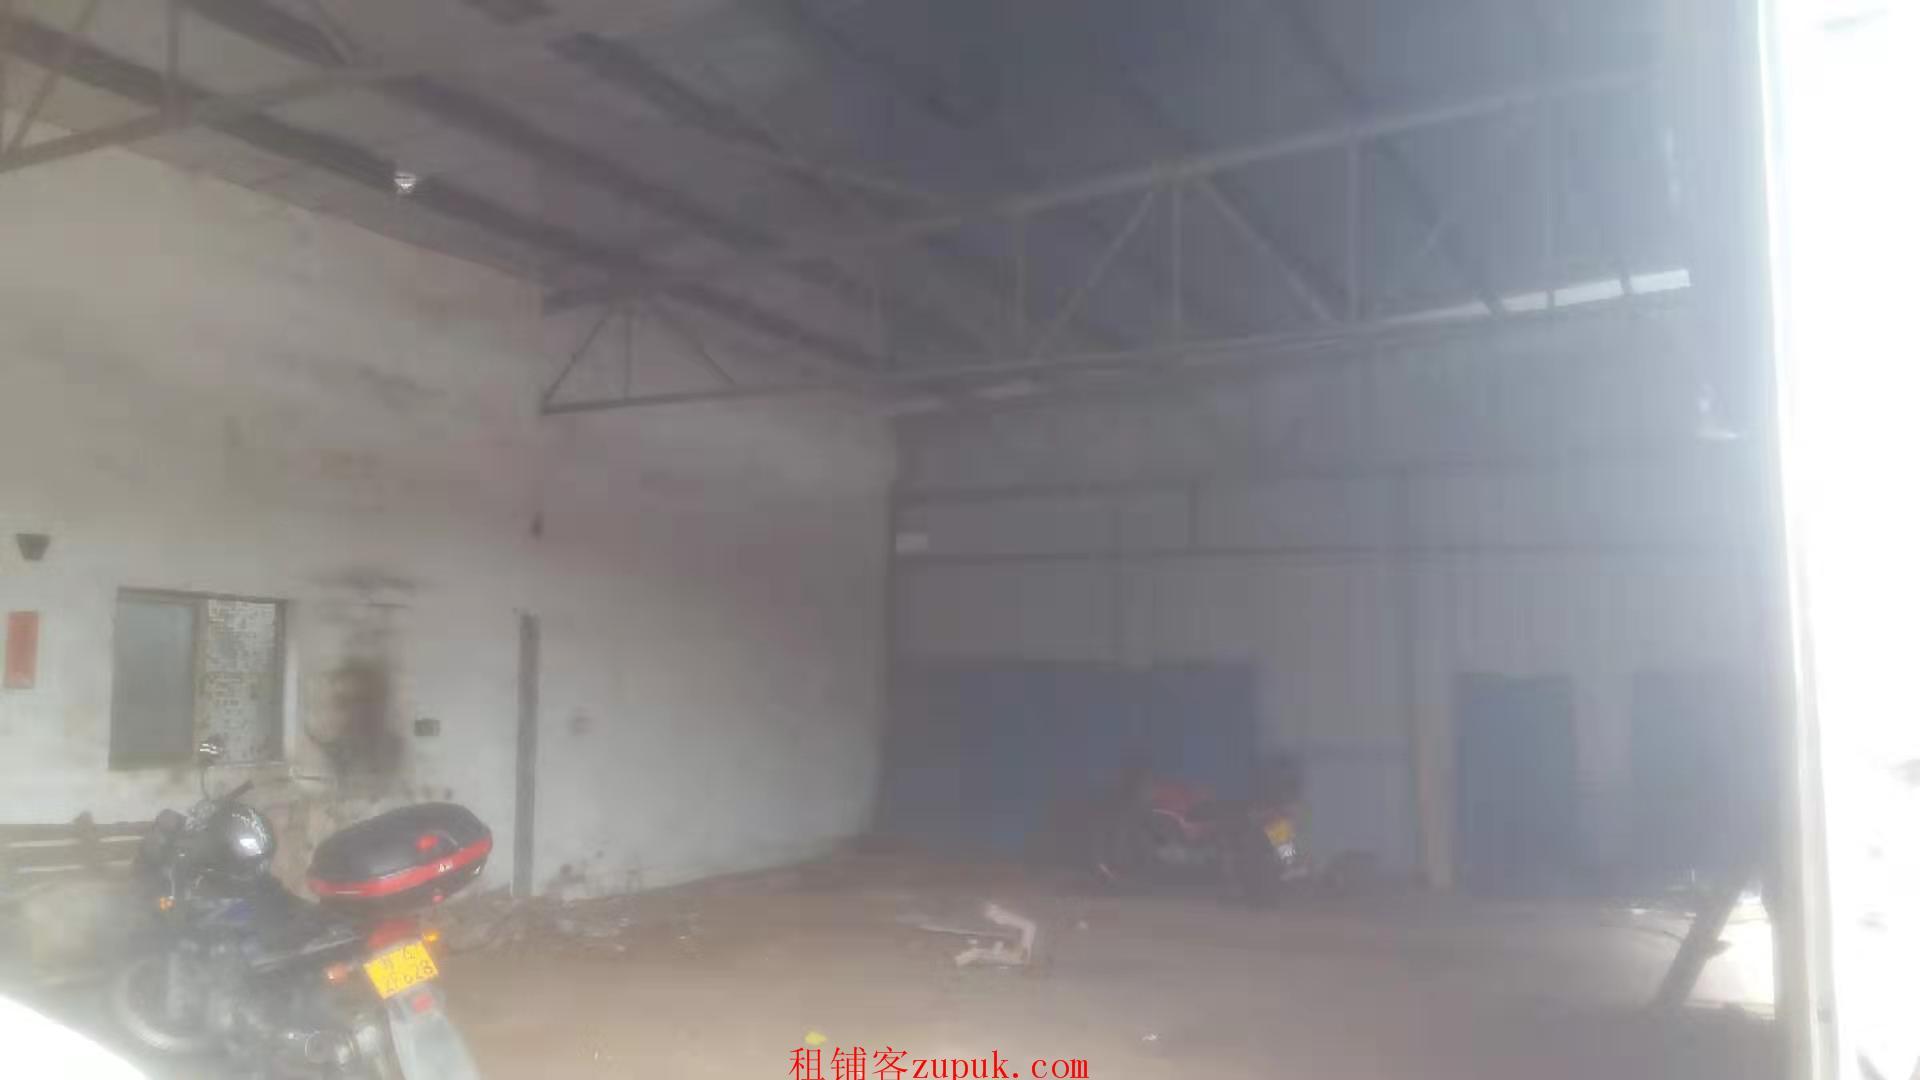 二手钢材、五金、脚手架等行业,灵山第二工业区超旺店铺等着你